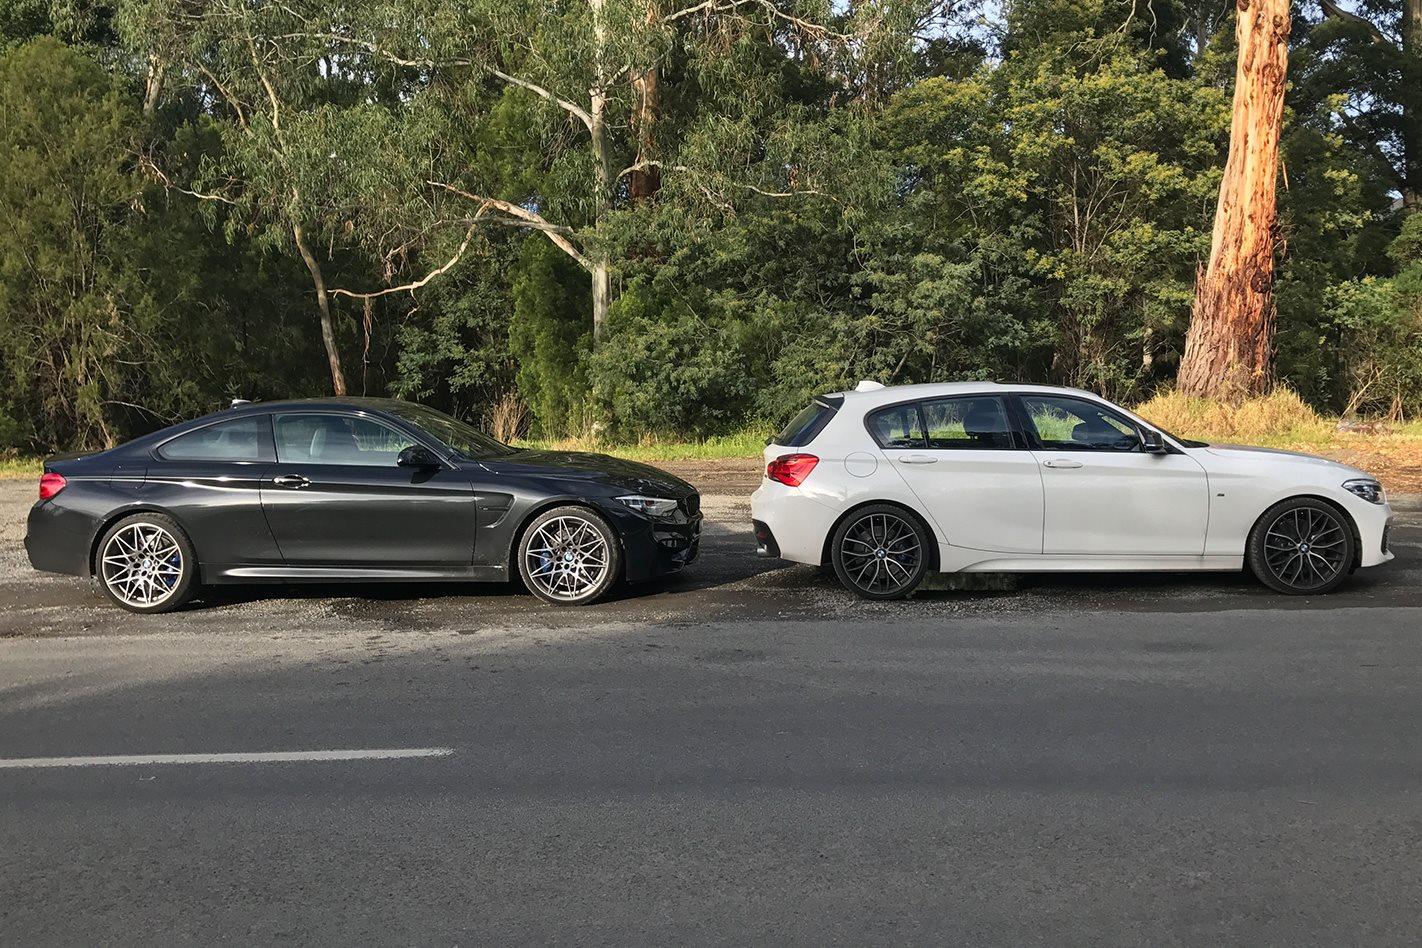 2017-BMW-M140i-vs-2017-BMW-M4.jpg